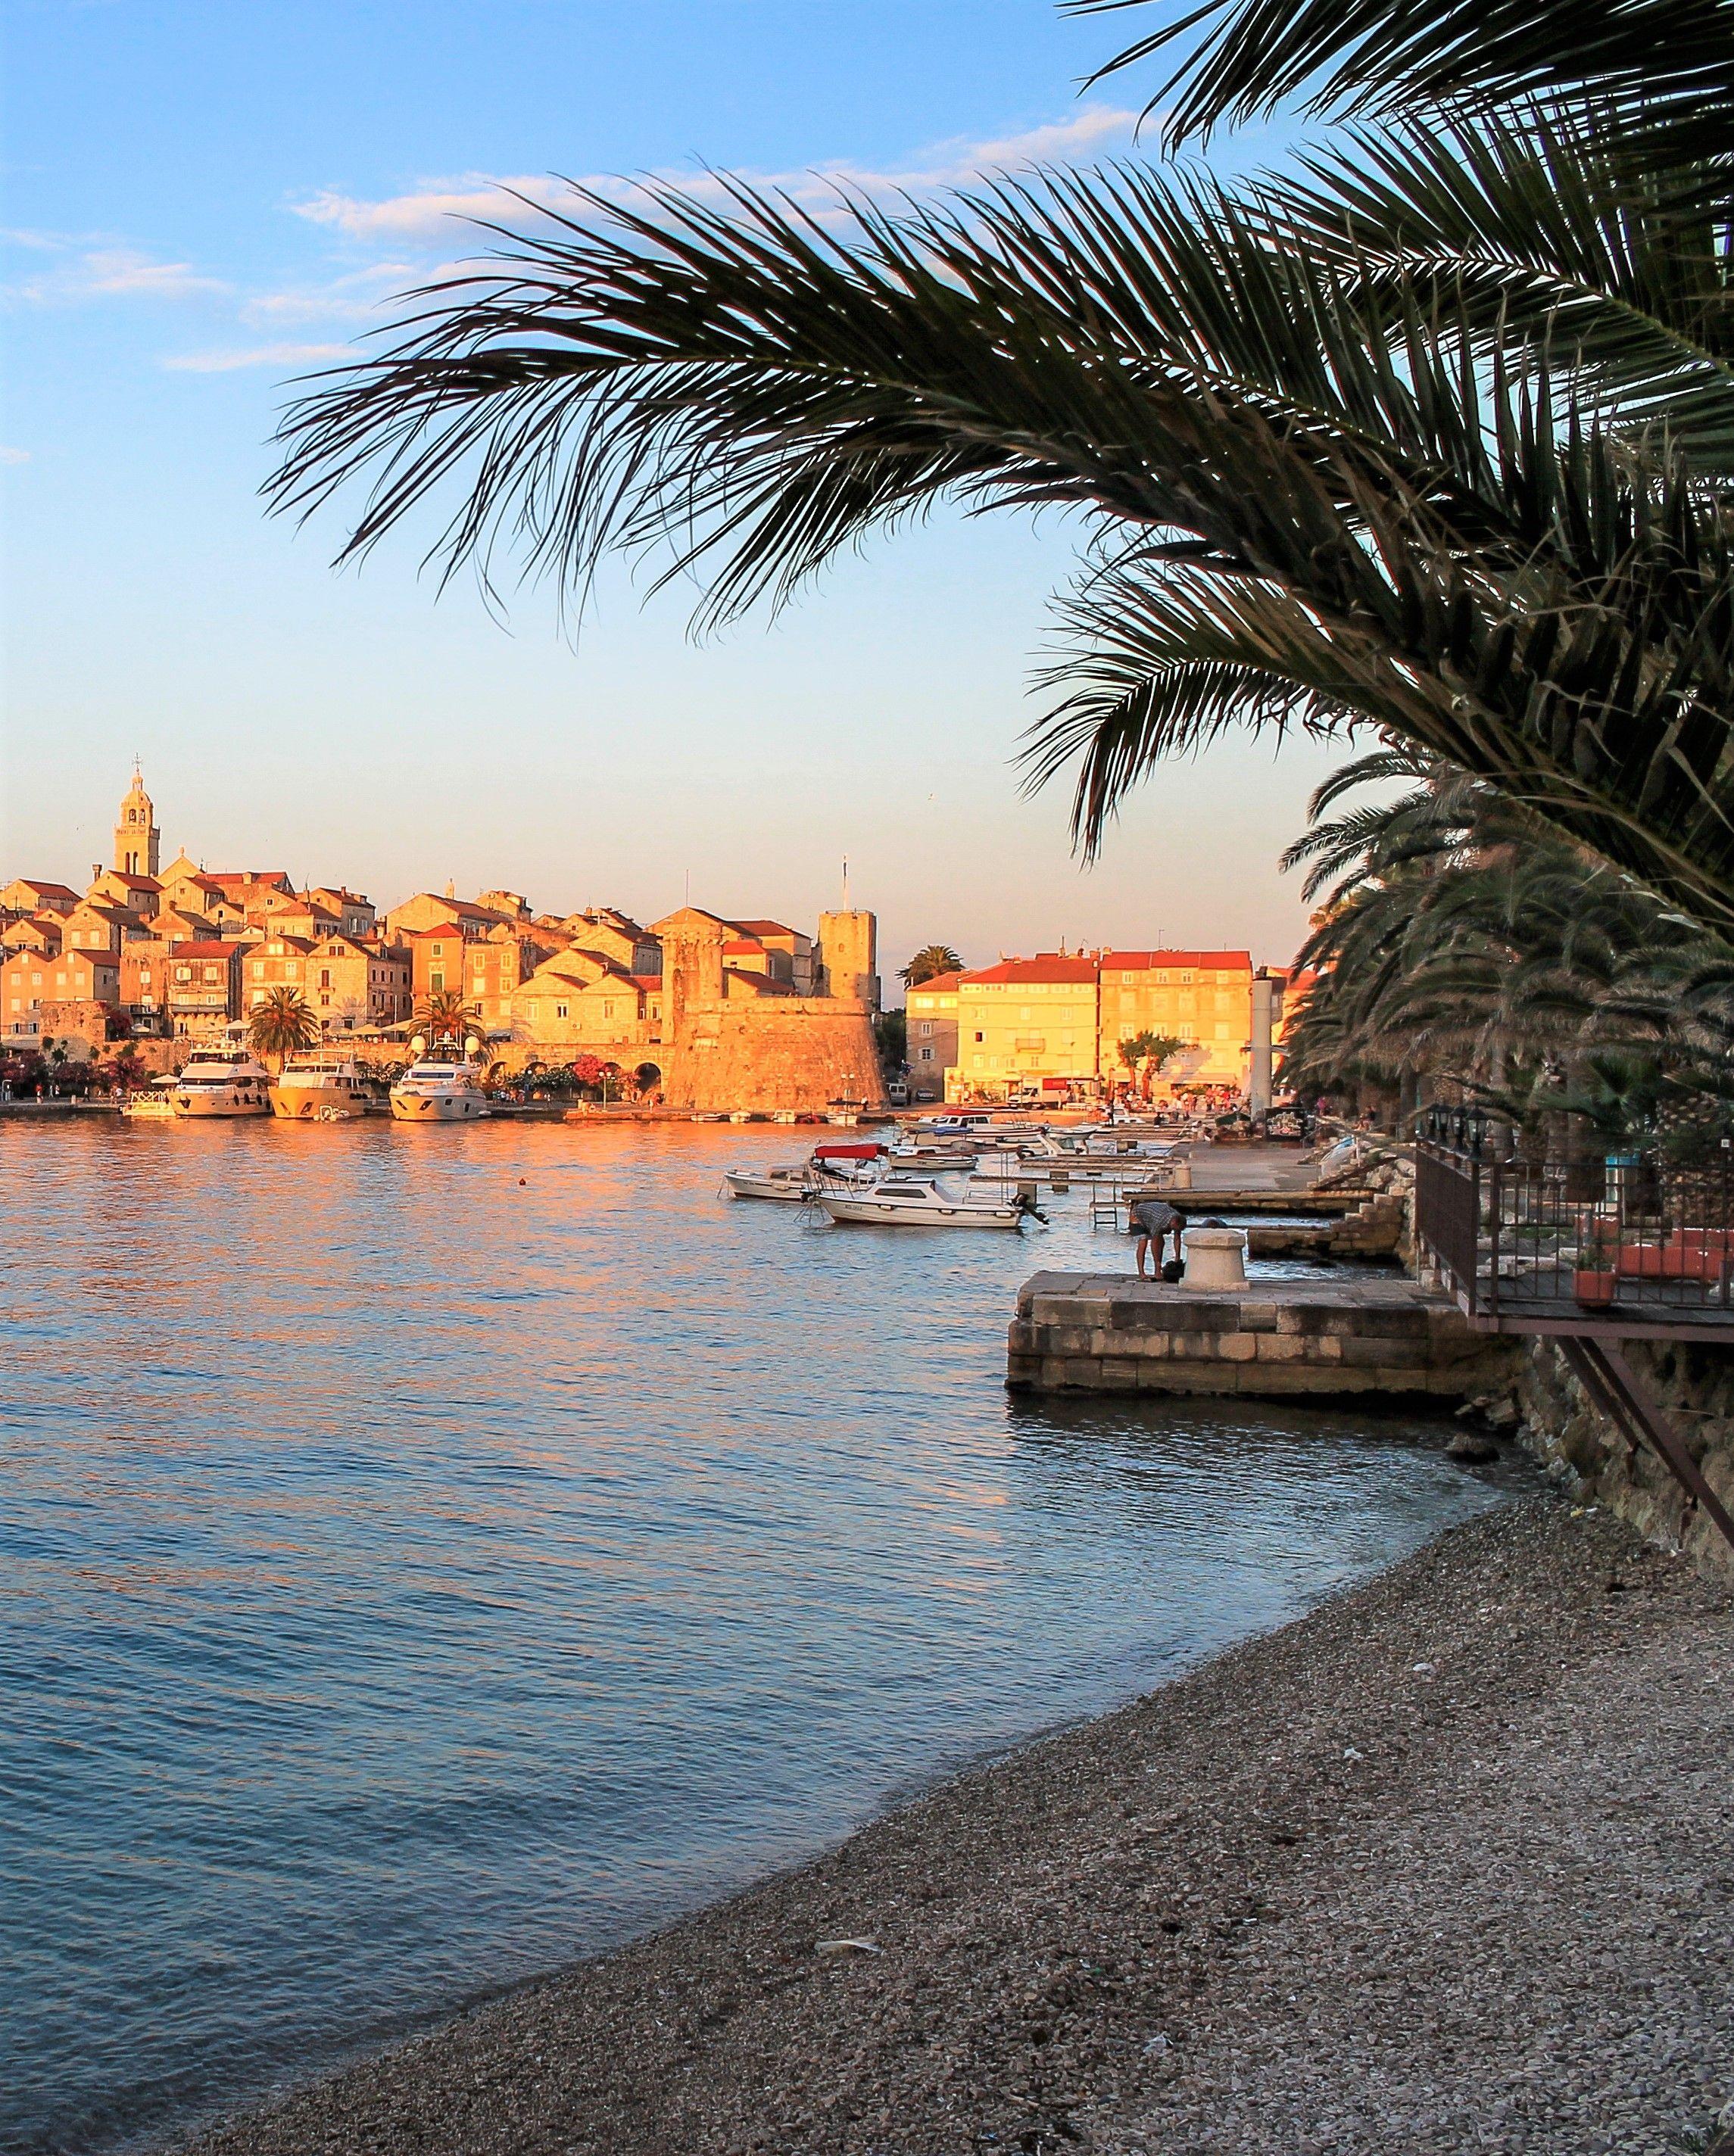 Kroatien Urlaub Meer, Landschaften, Urlaub kroatien